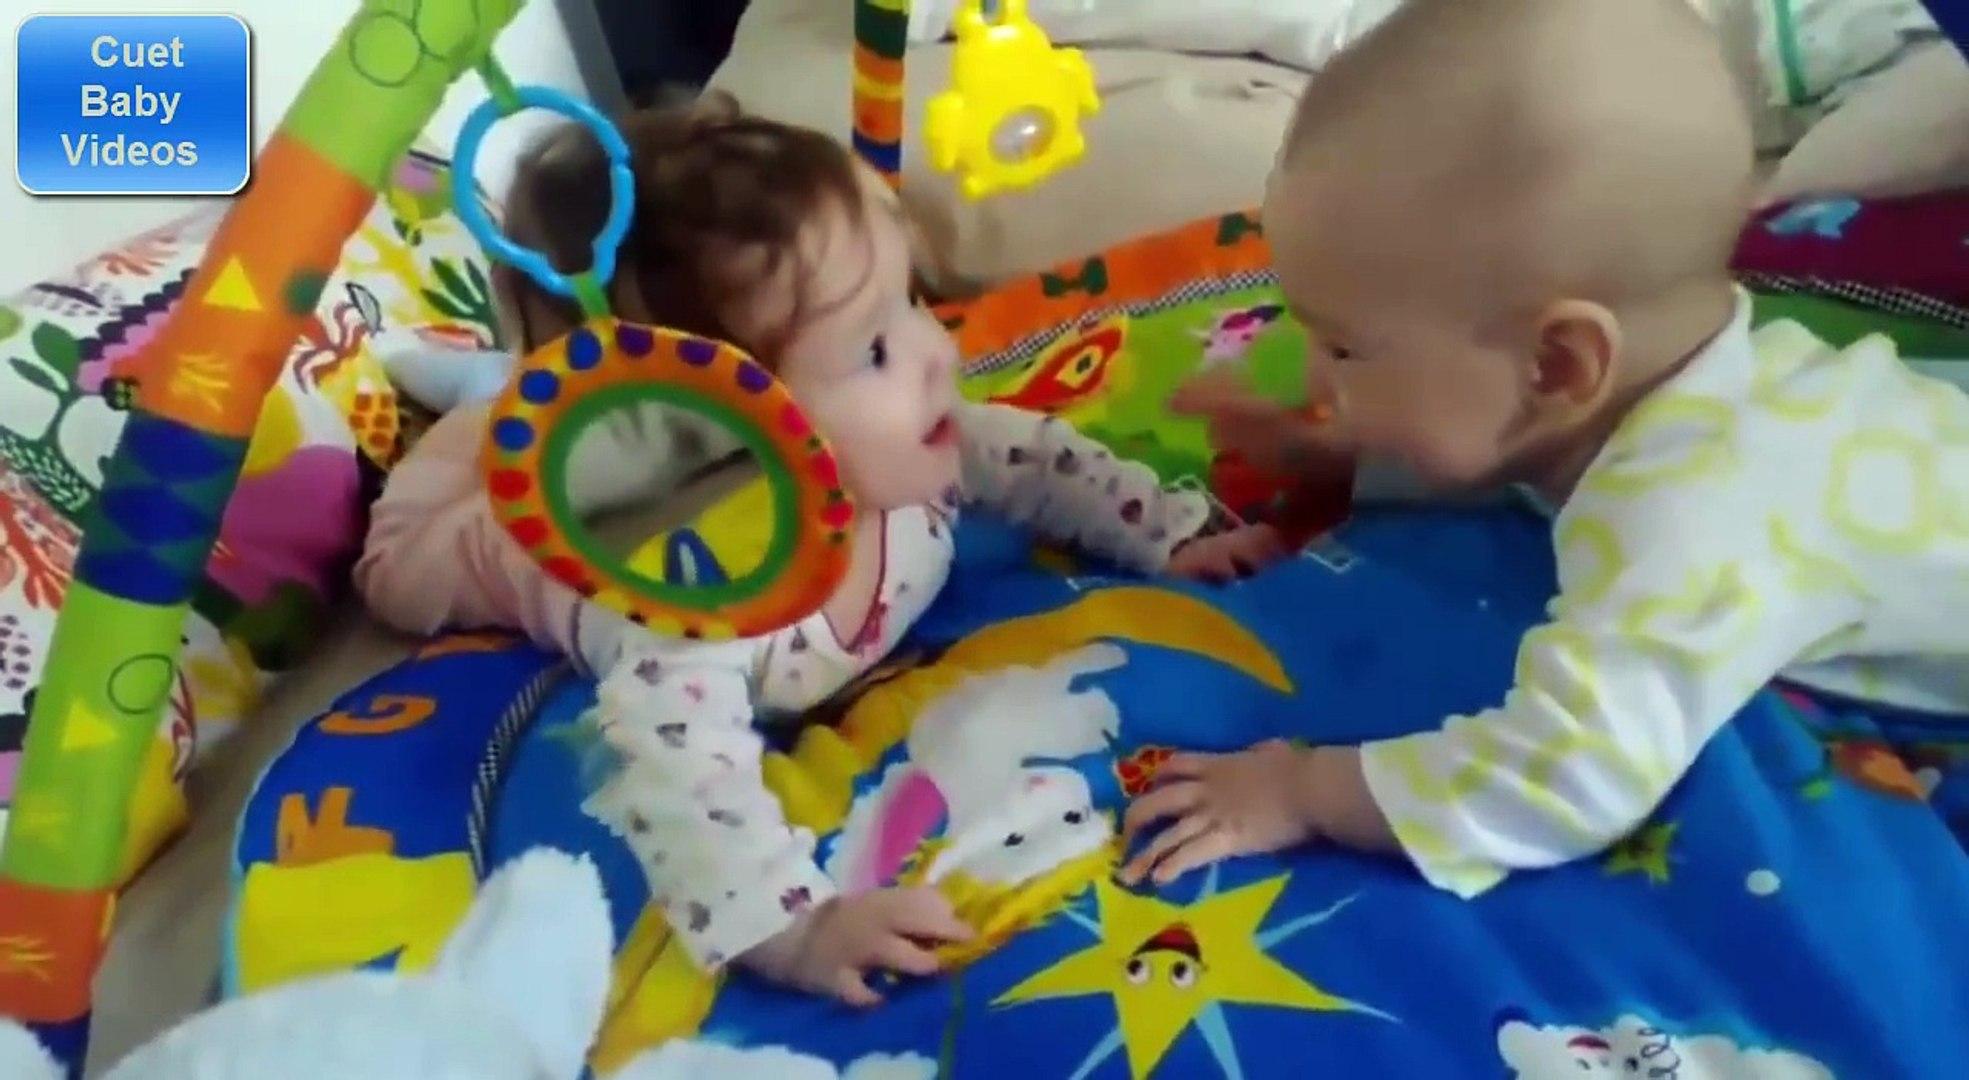 Cute Baby Videos Funny - Funny Baby Videos   Video Clip